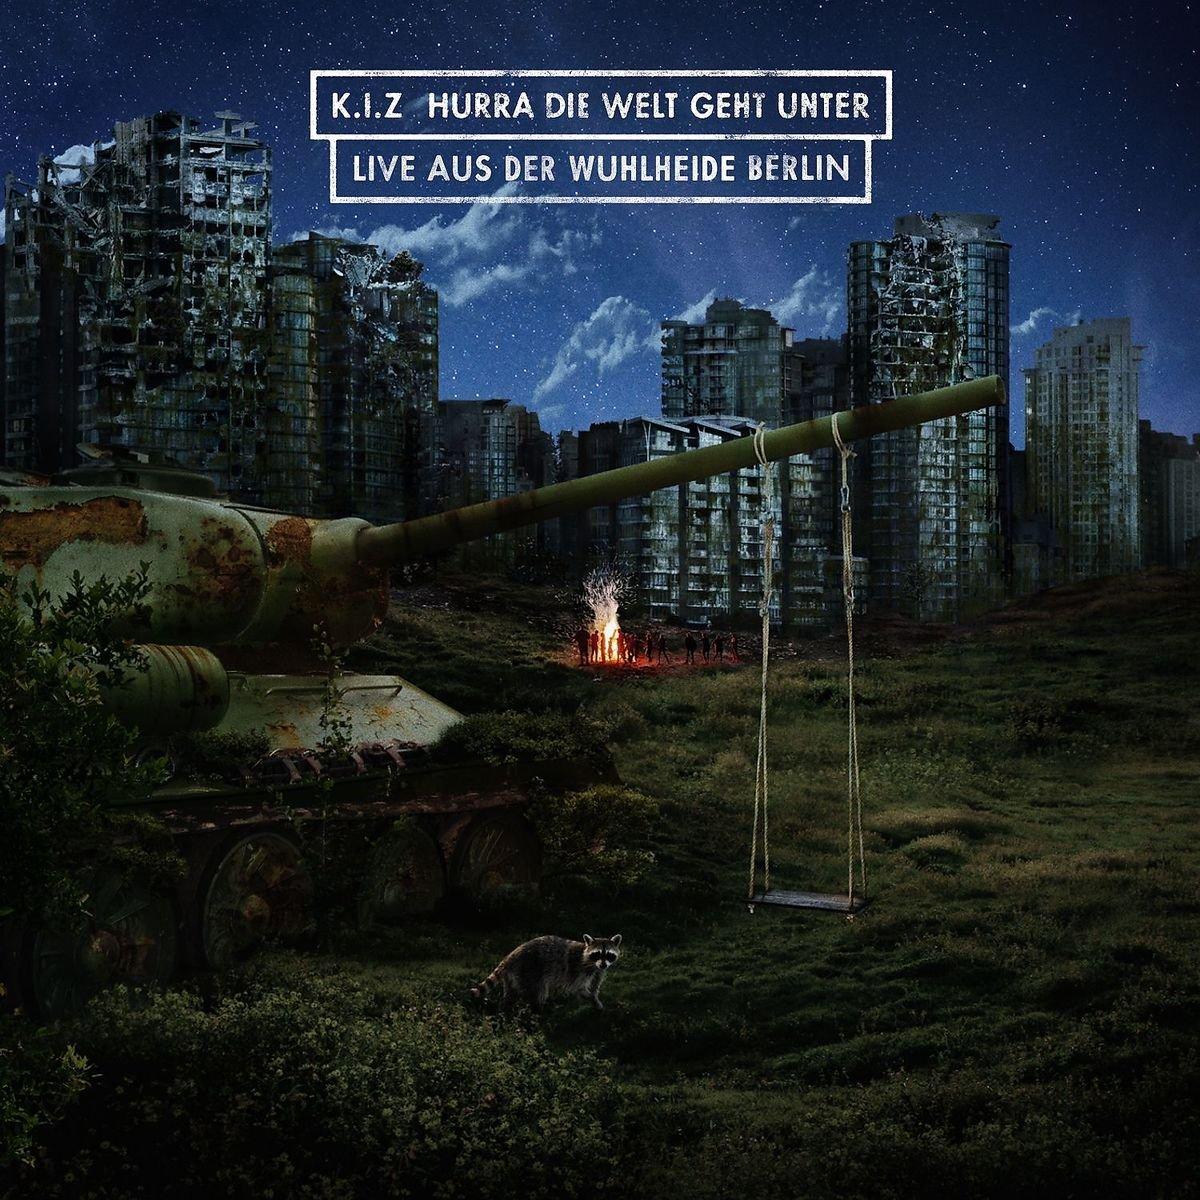 K.I.Z. - Hurra die Welt geht unter (Live aus der Wuhlheide) (Album Cover)